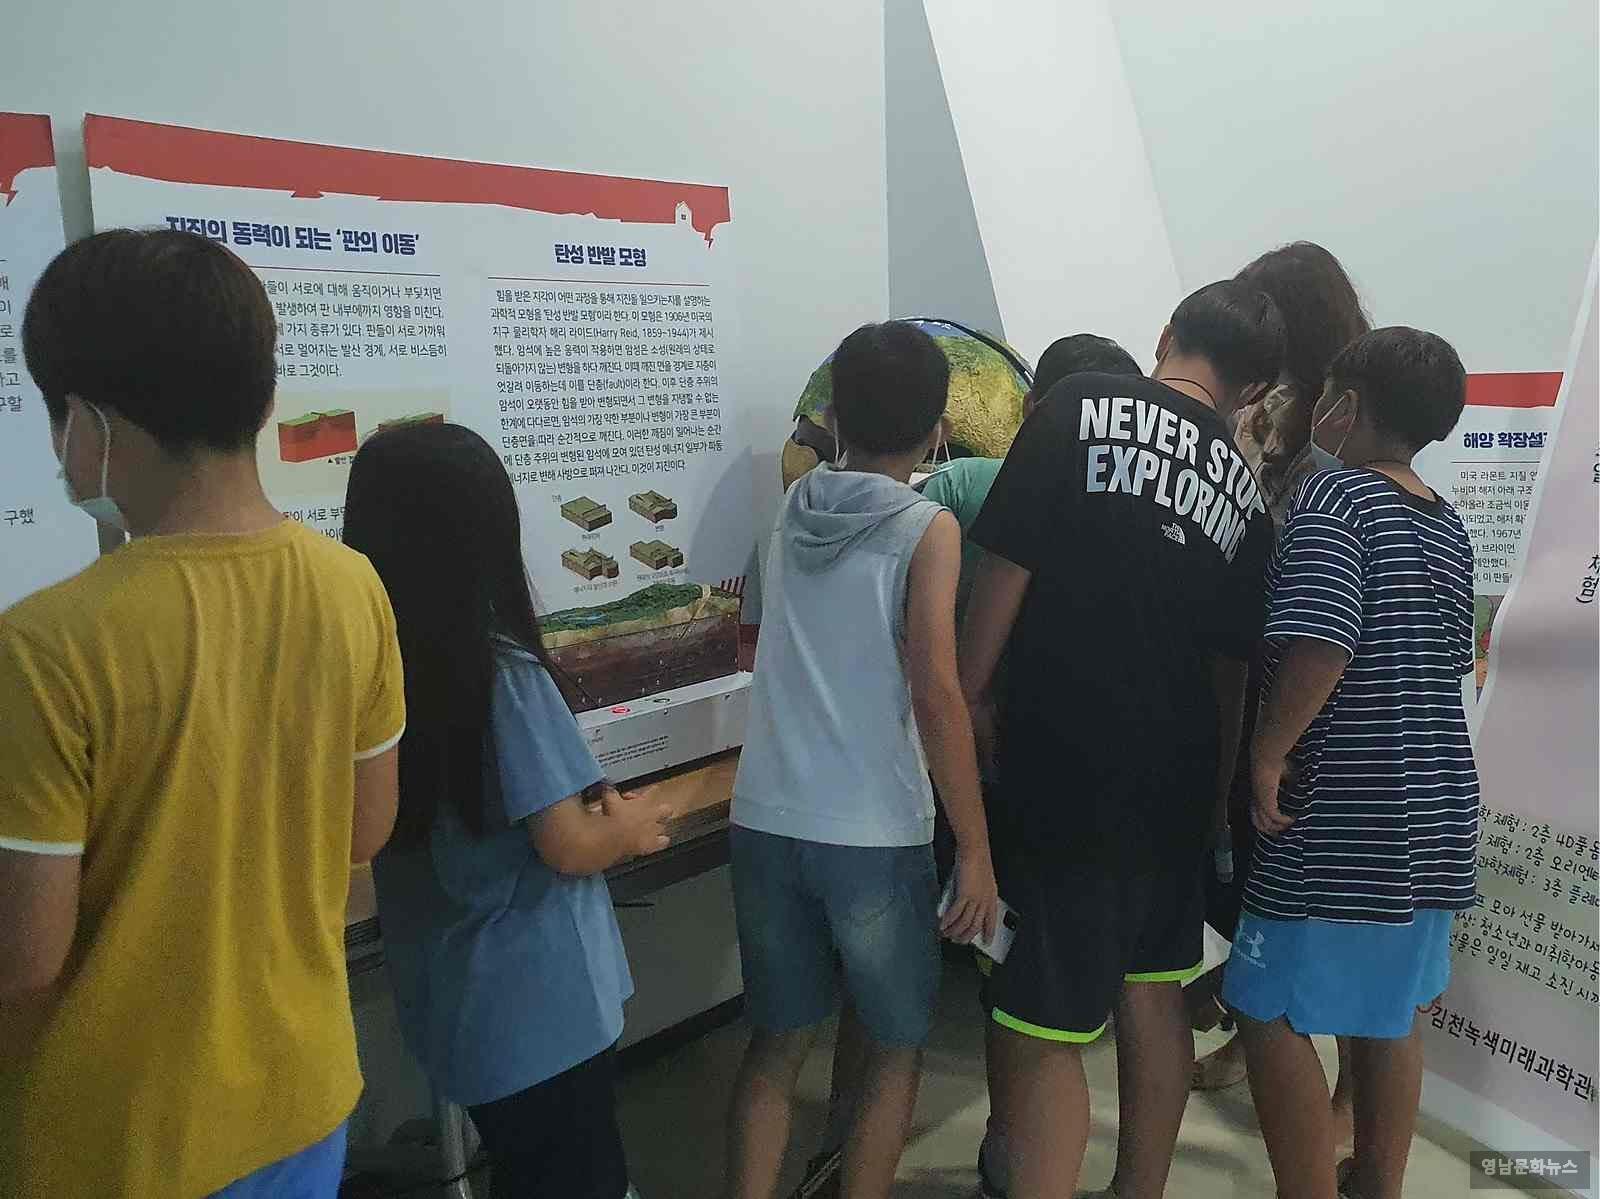 이제 김천에서 국립대구과학관 전시품을 즐기자!